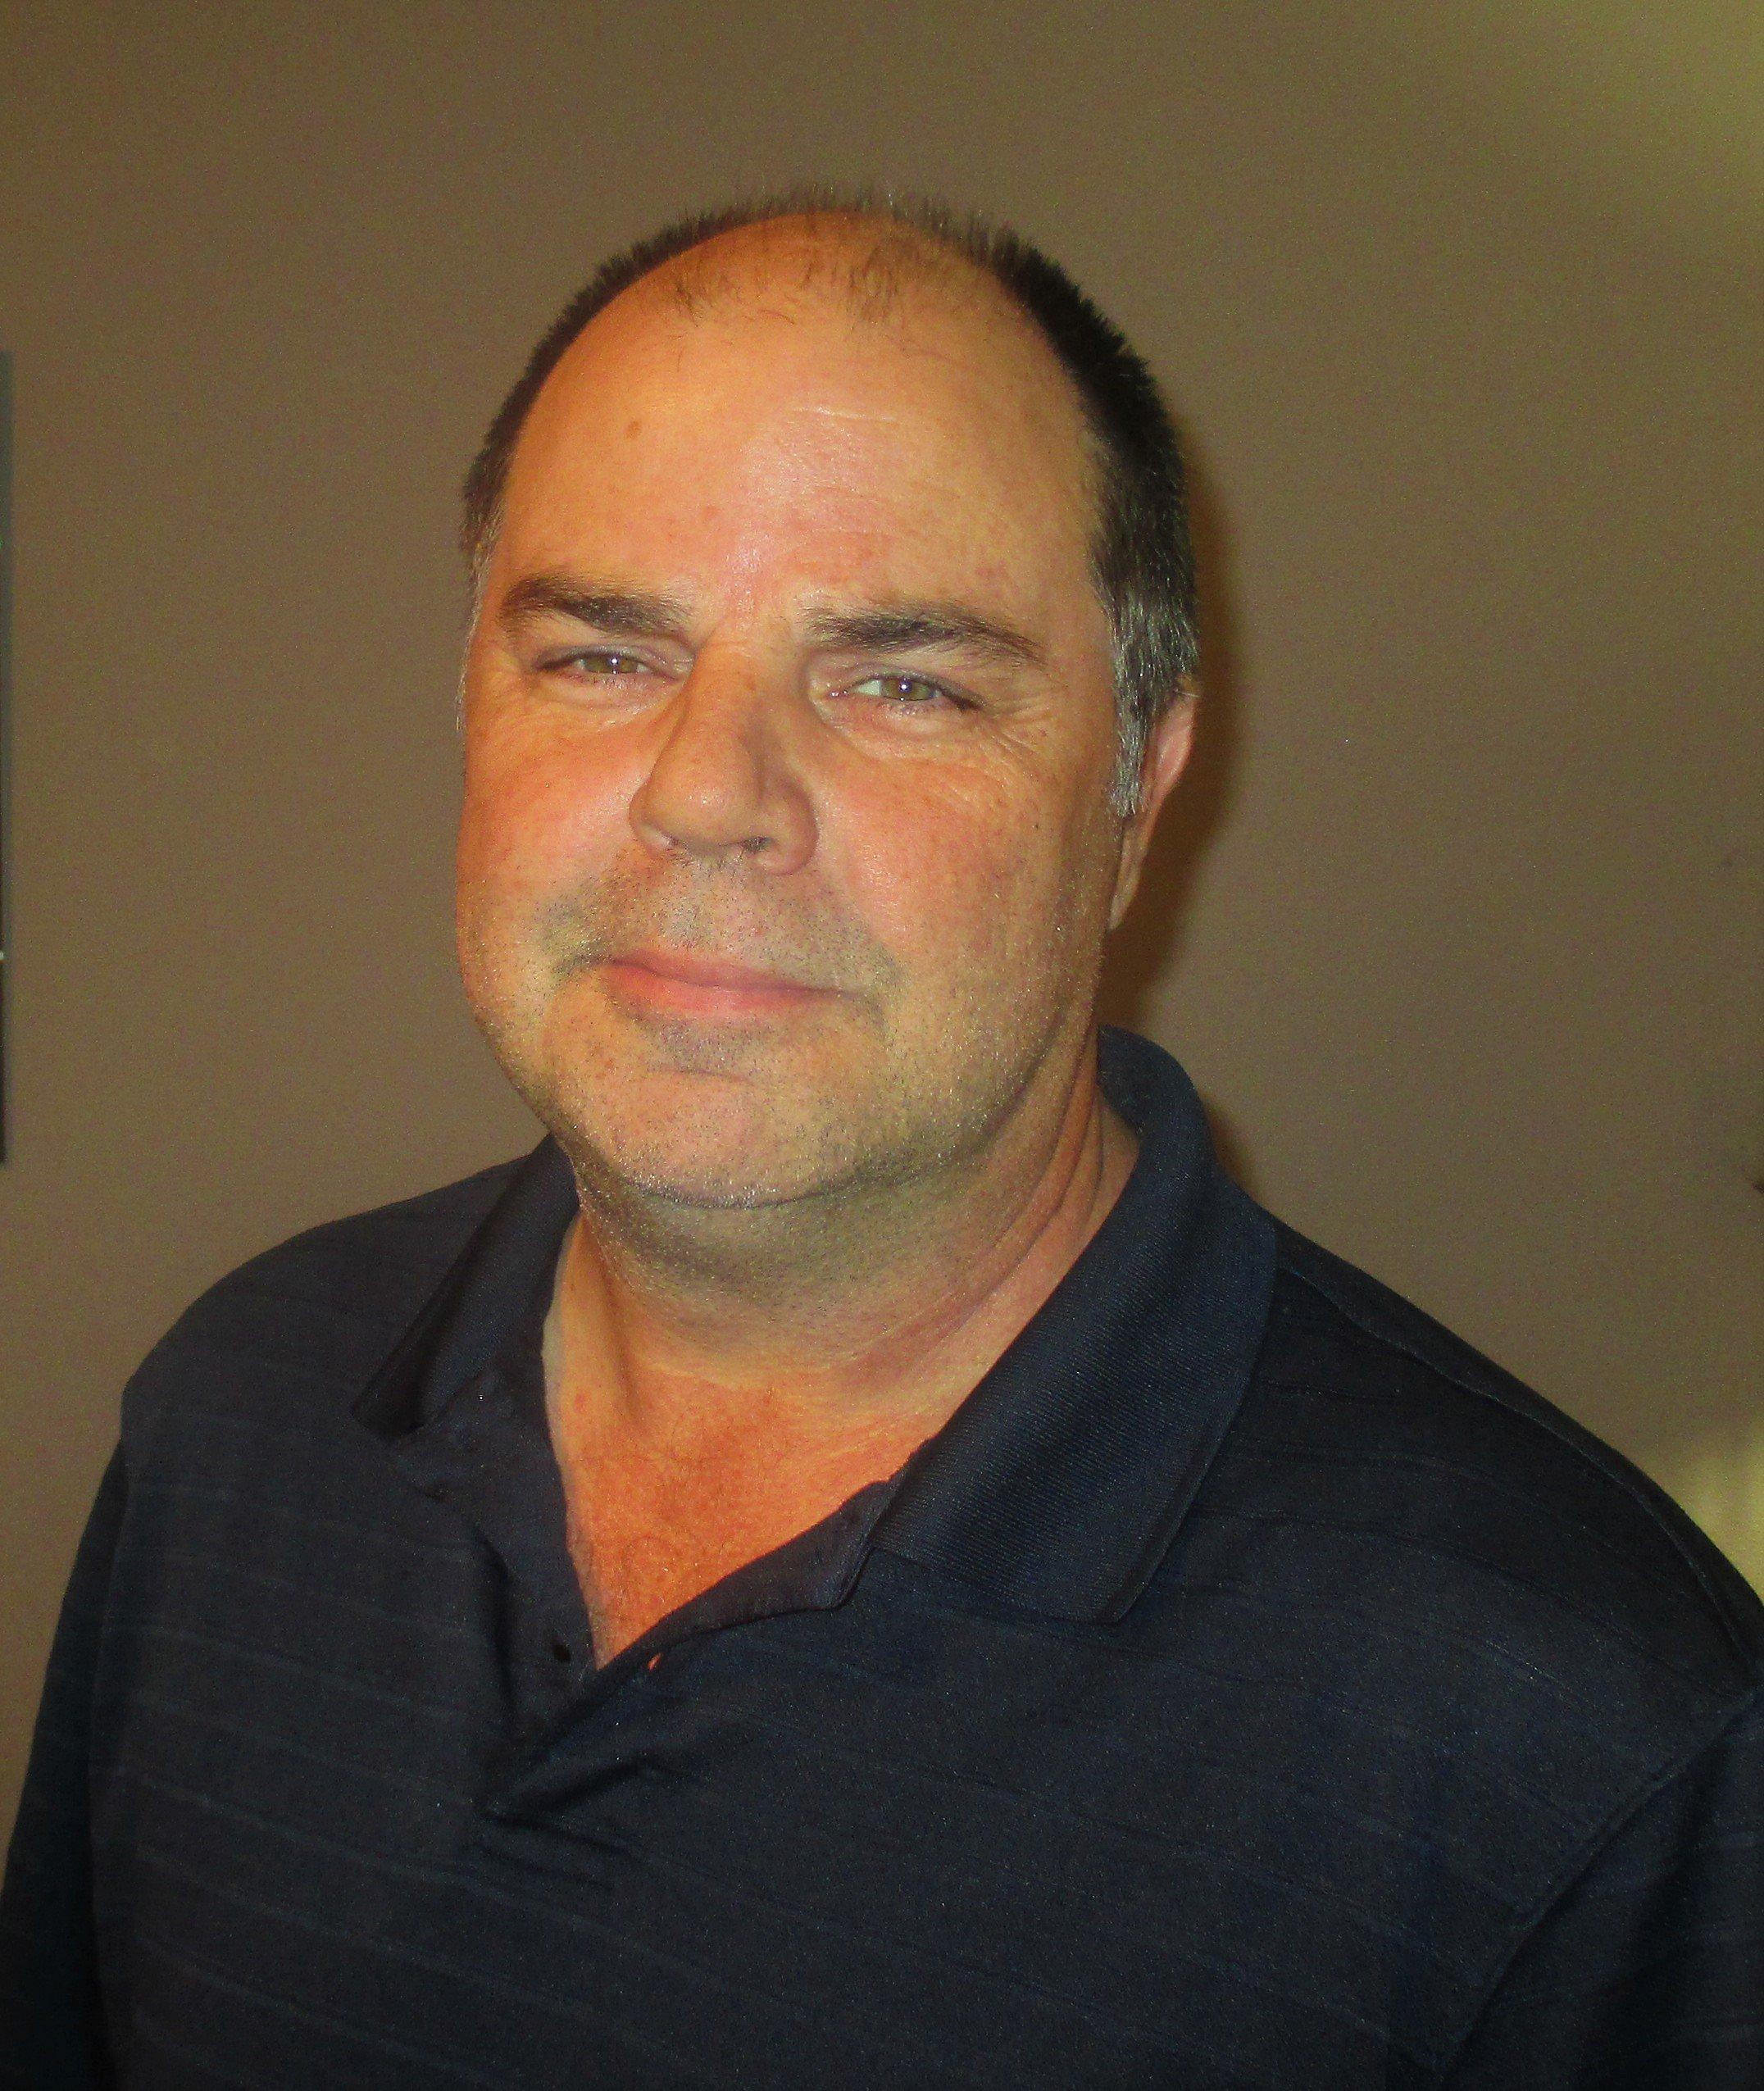 Scott David Phillips